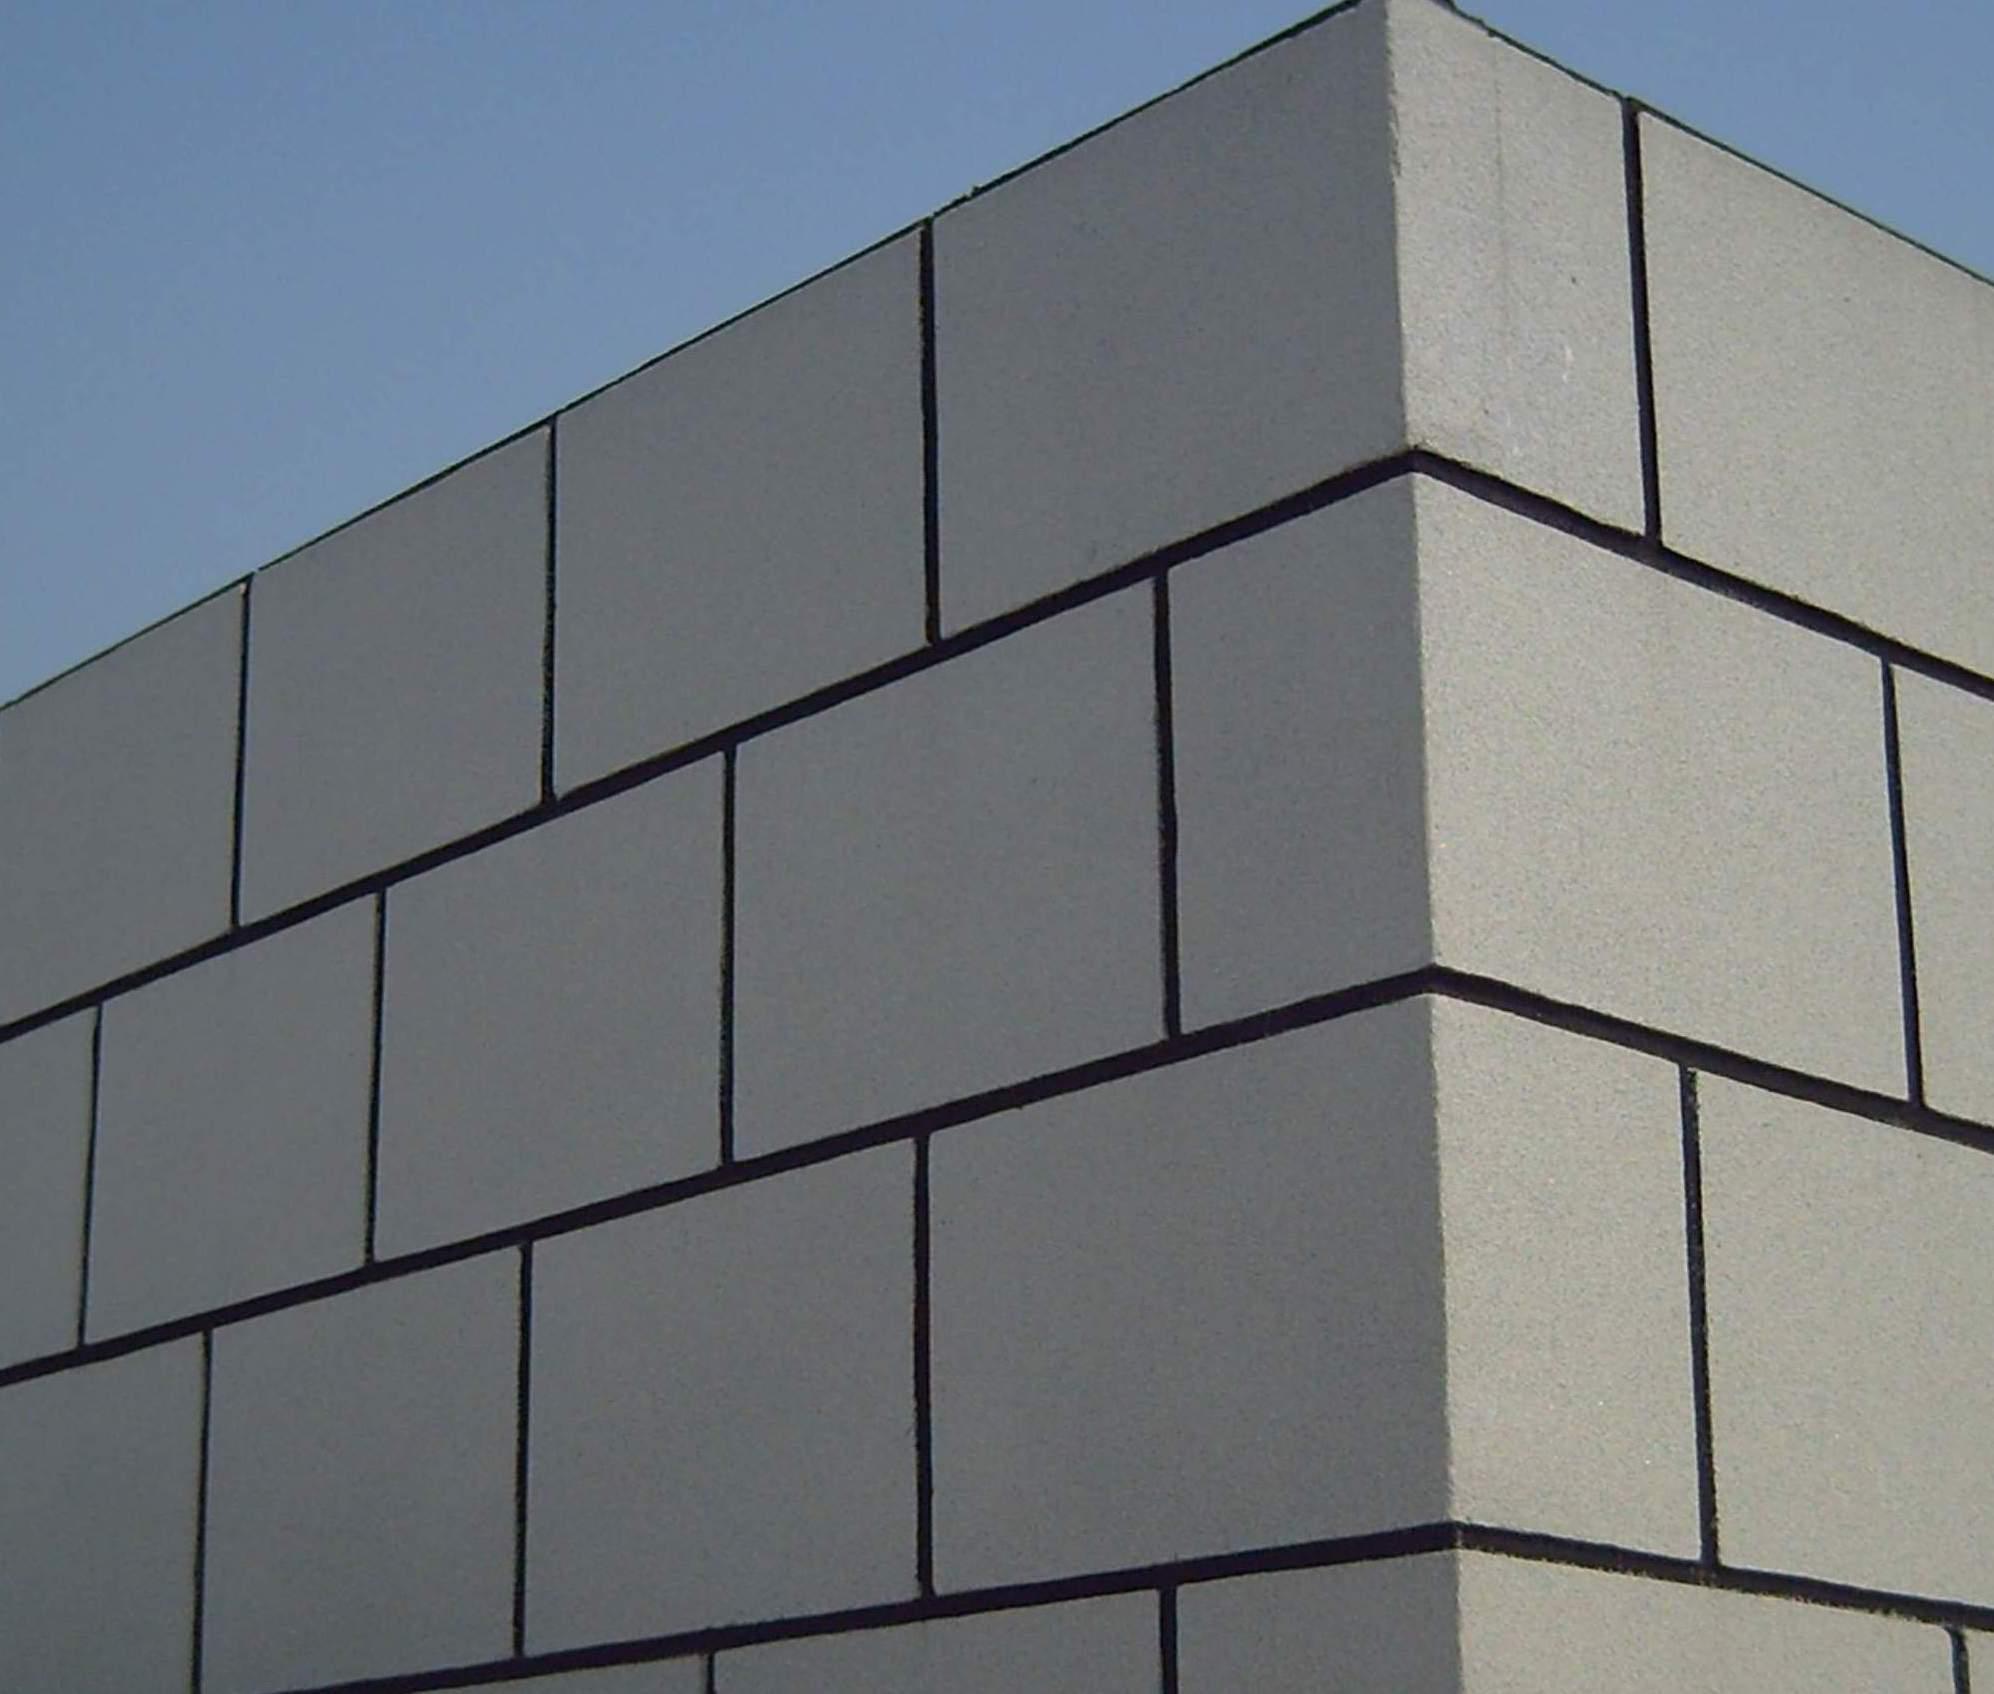 面议 轻质砖 面议 钢结构楼板 面议 外墙隔热保温系统 面议 隔墙砖 面